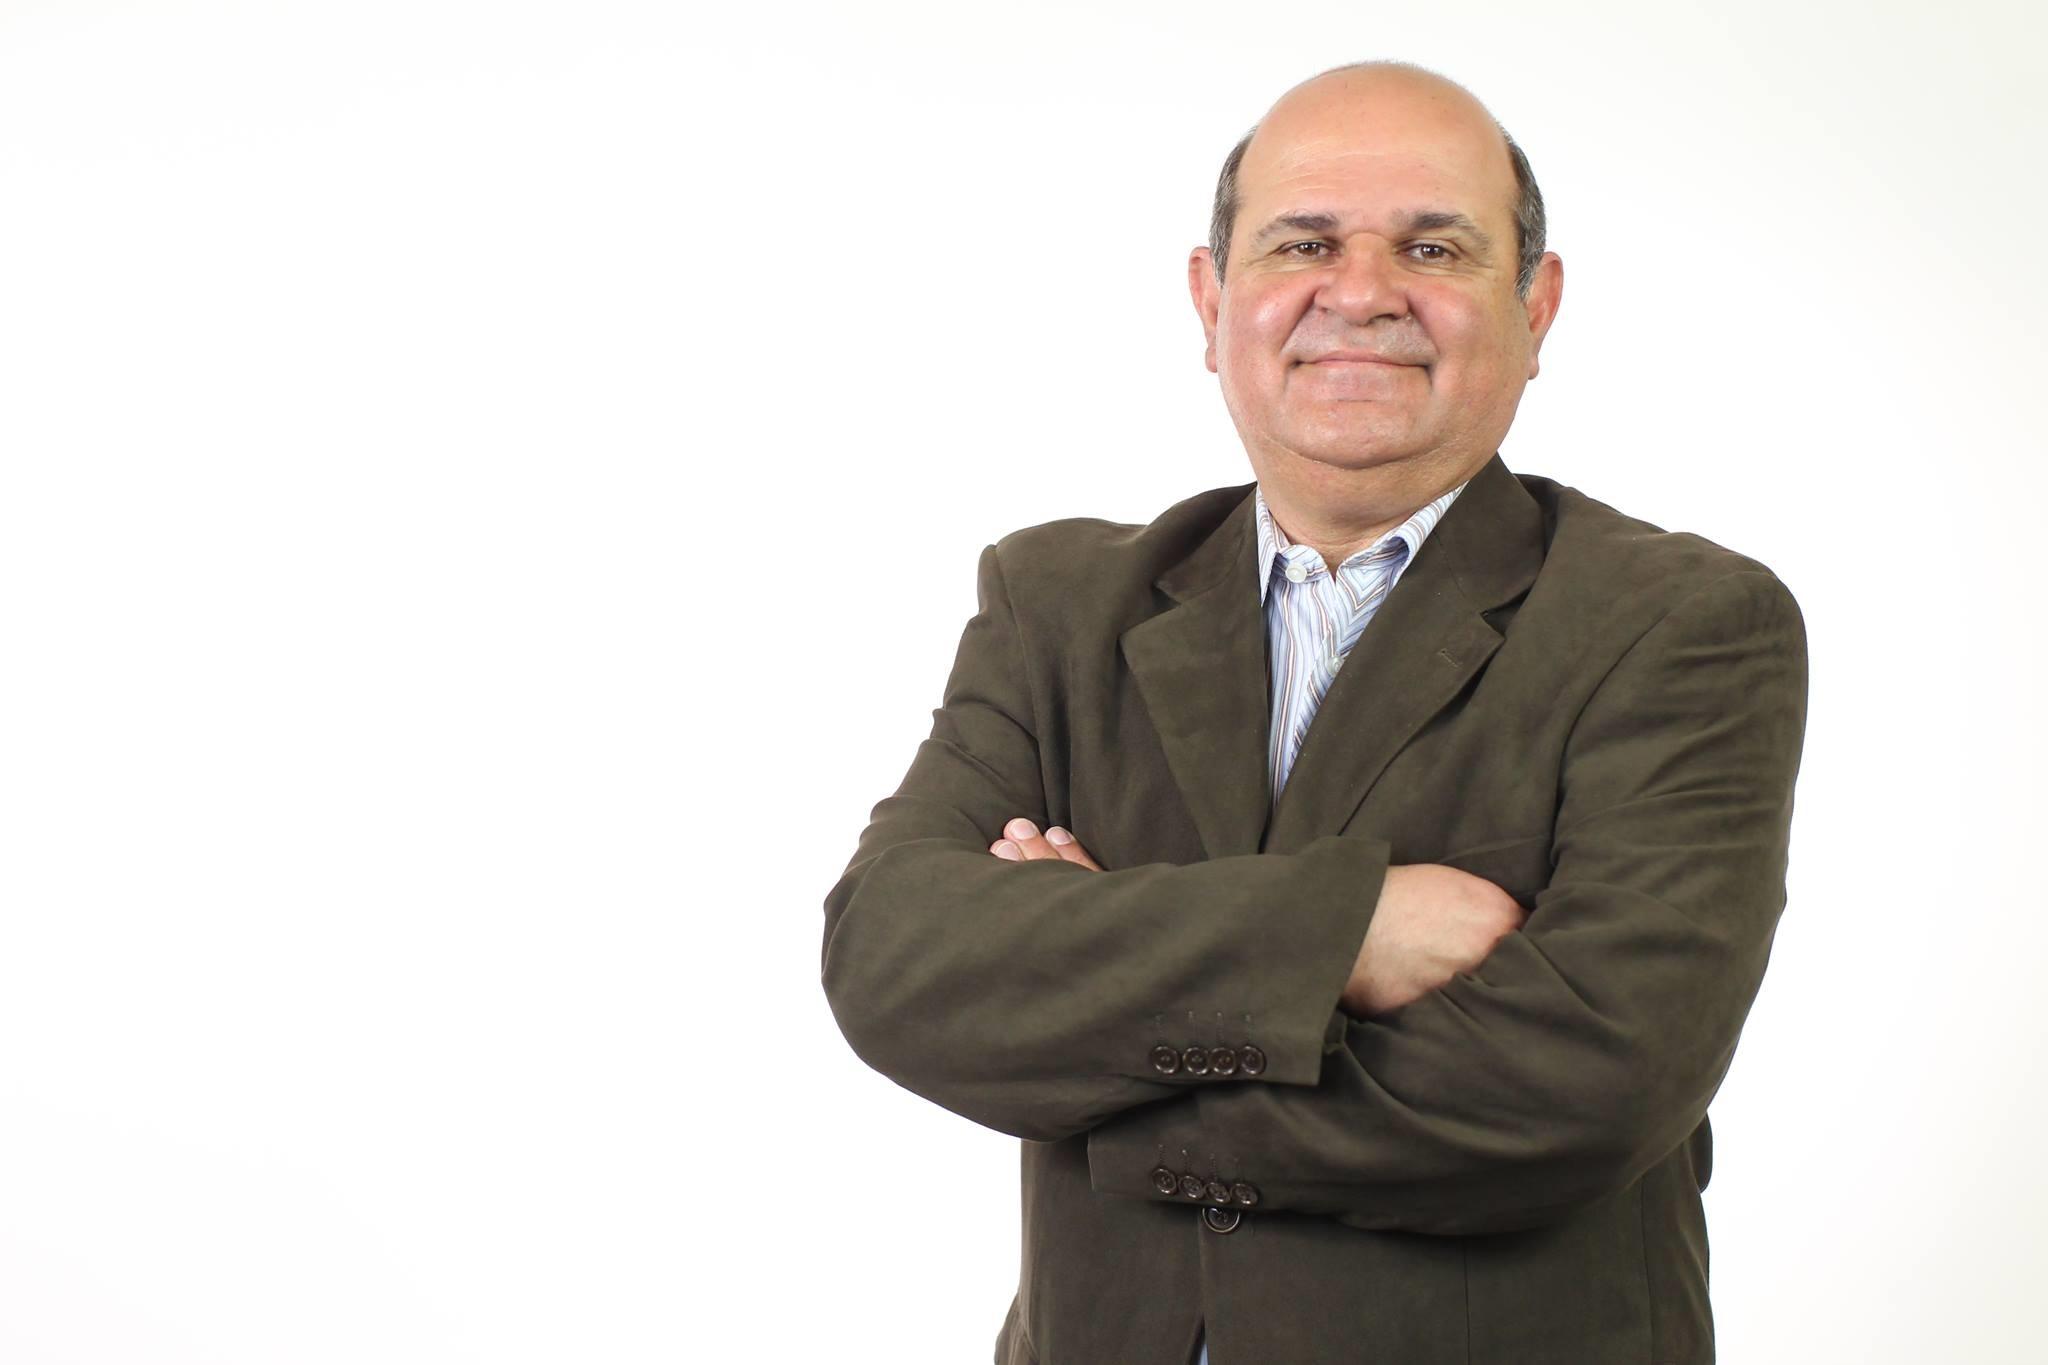 Publicitário Fernando Durante deixa o palco da vida aos 63 anos, vítima da Covid-19